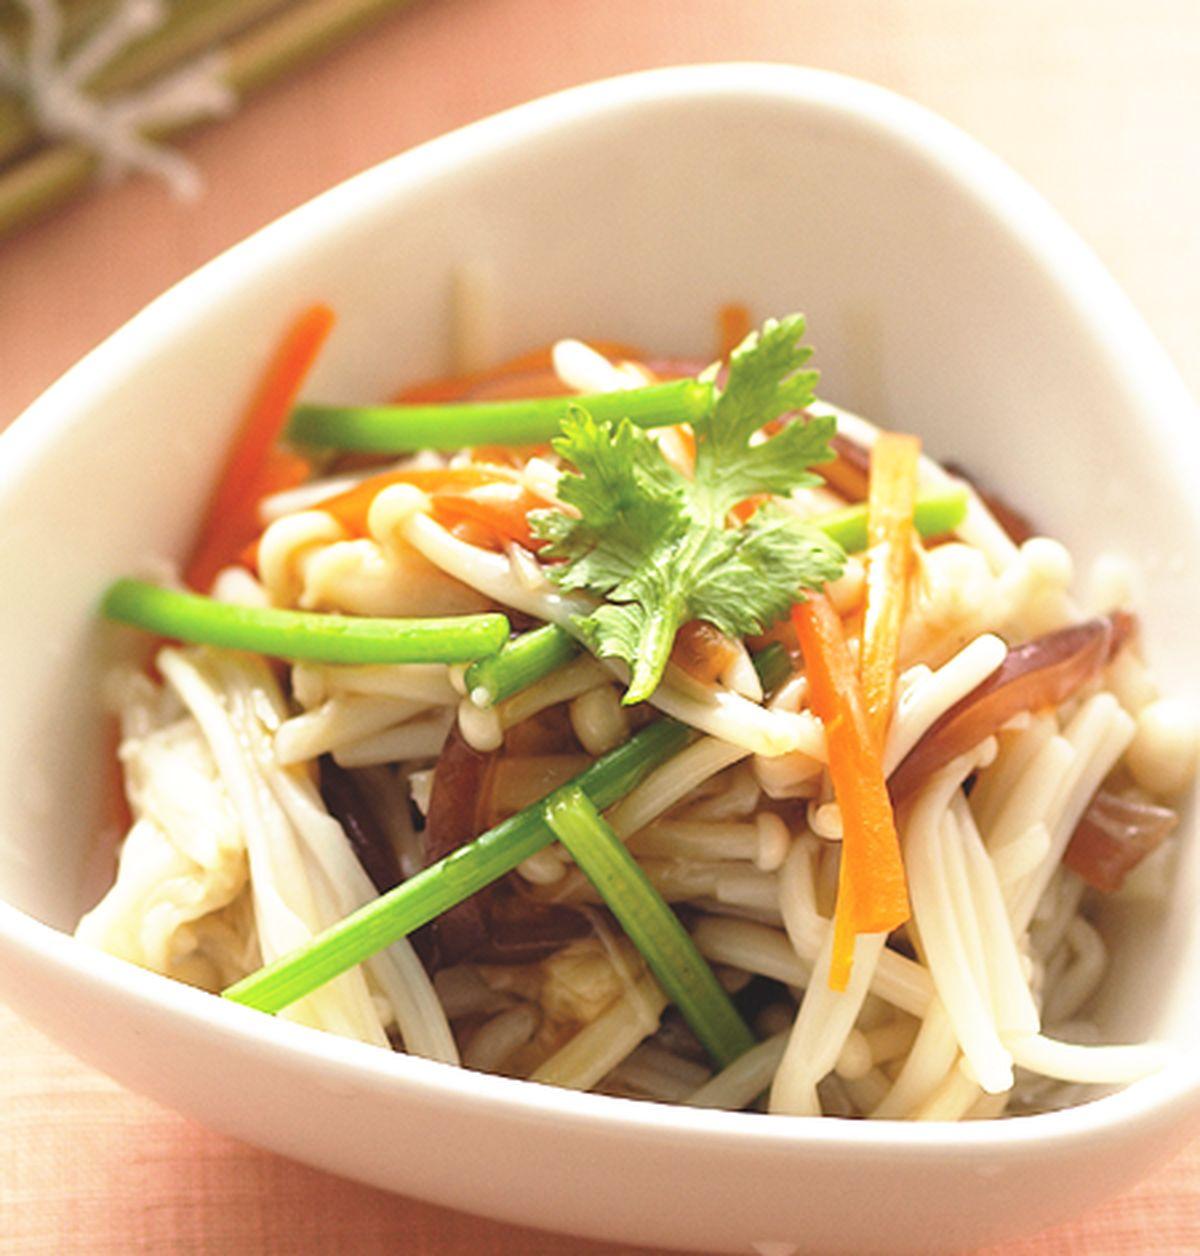 食譜:滷汁拌金針菇